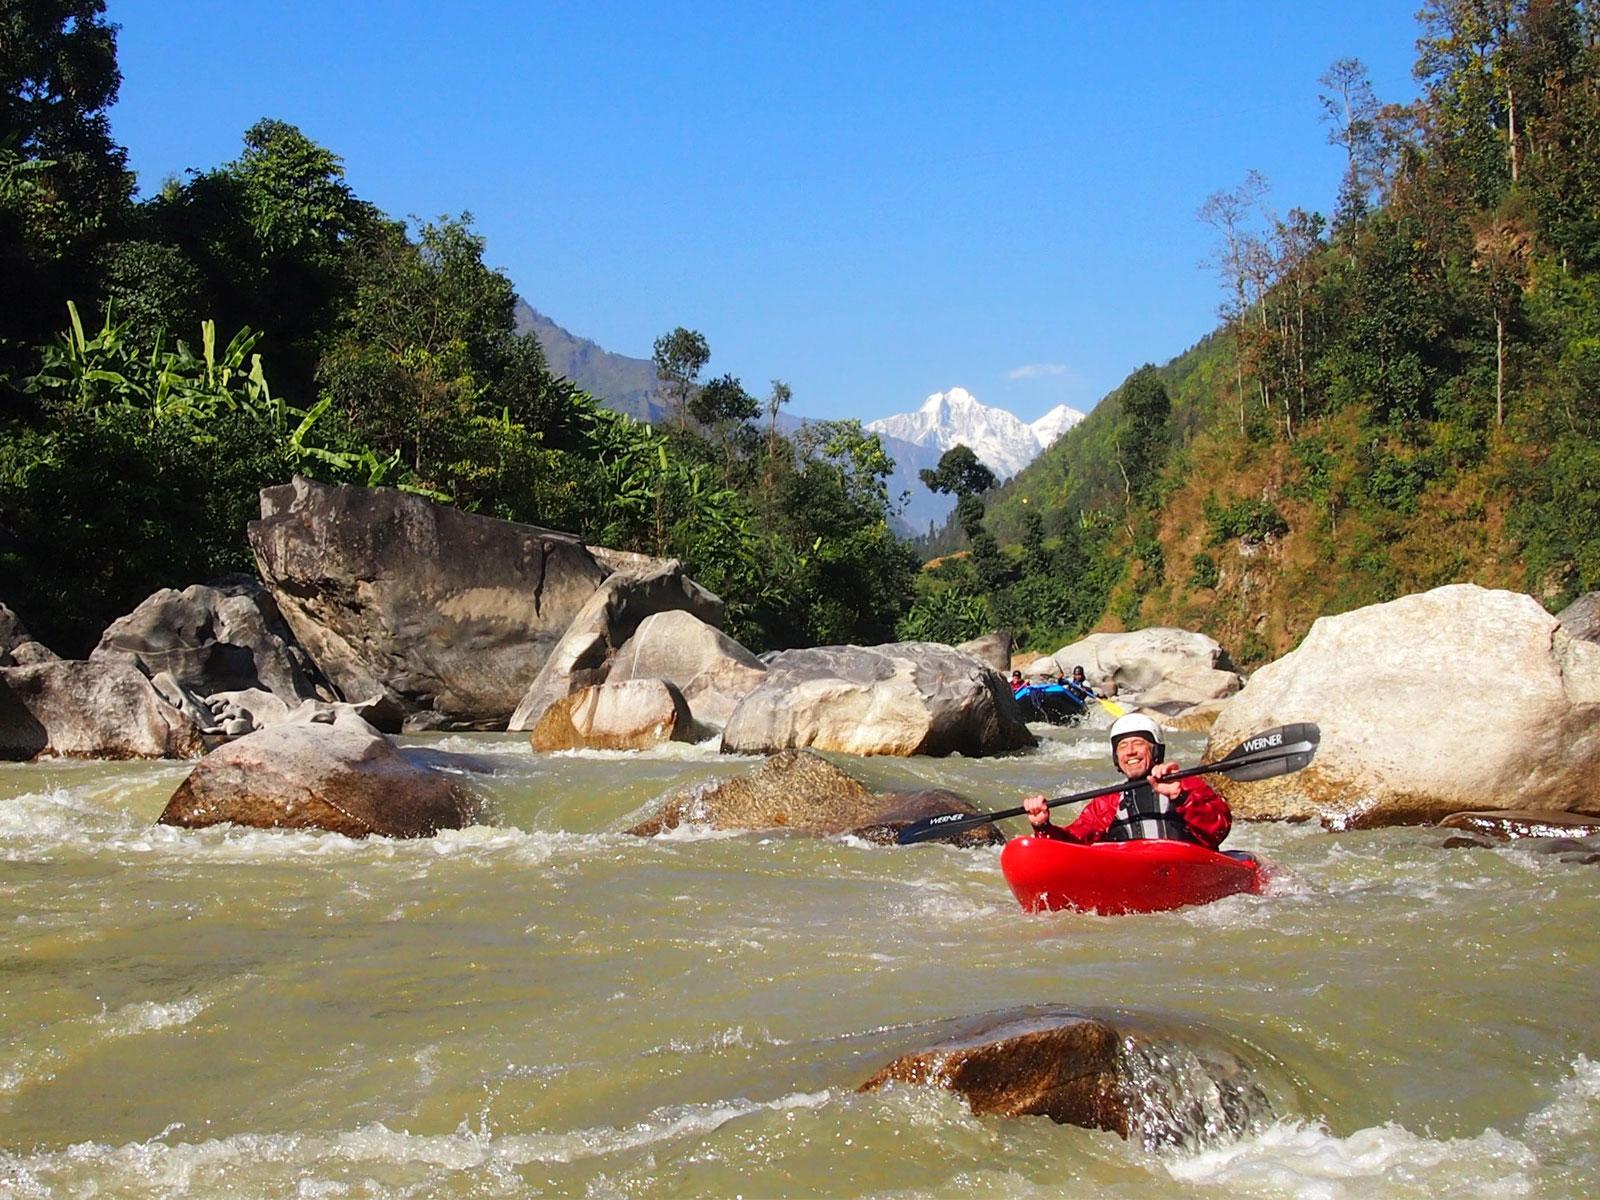 Unieke wildwaterkajak expeditie in de Himalaya in Nepal